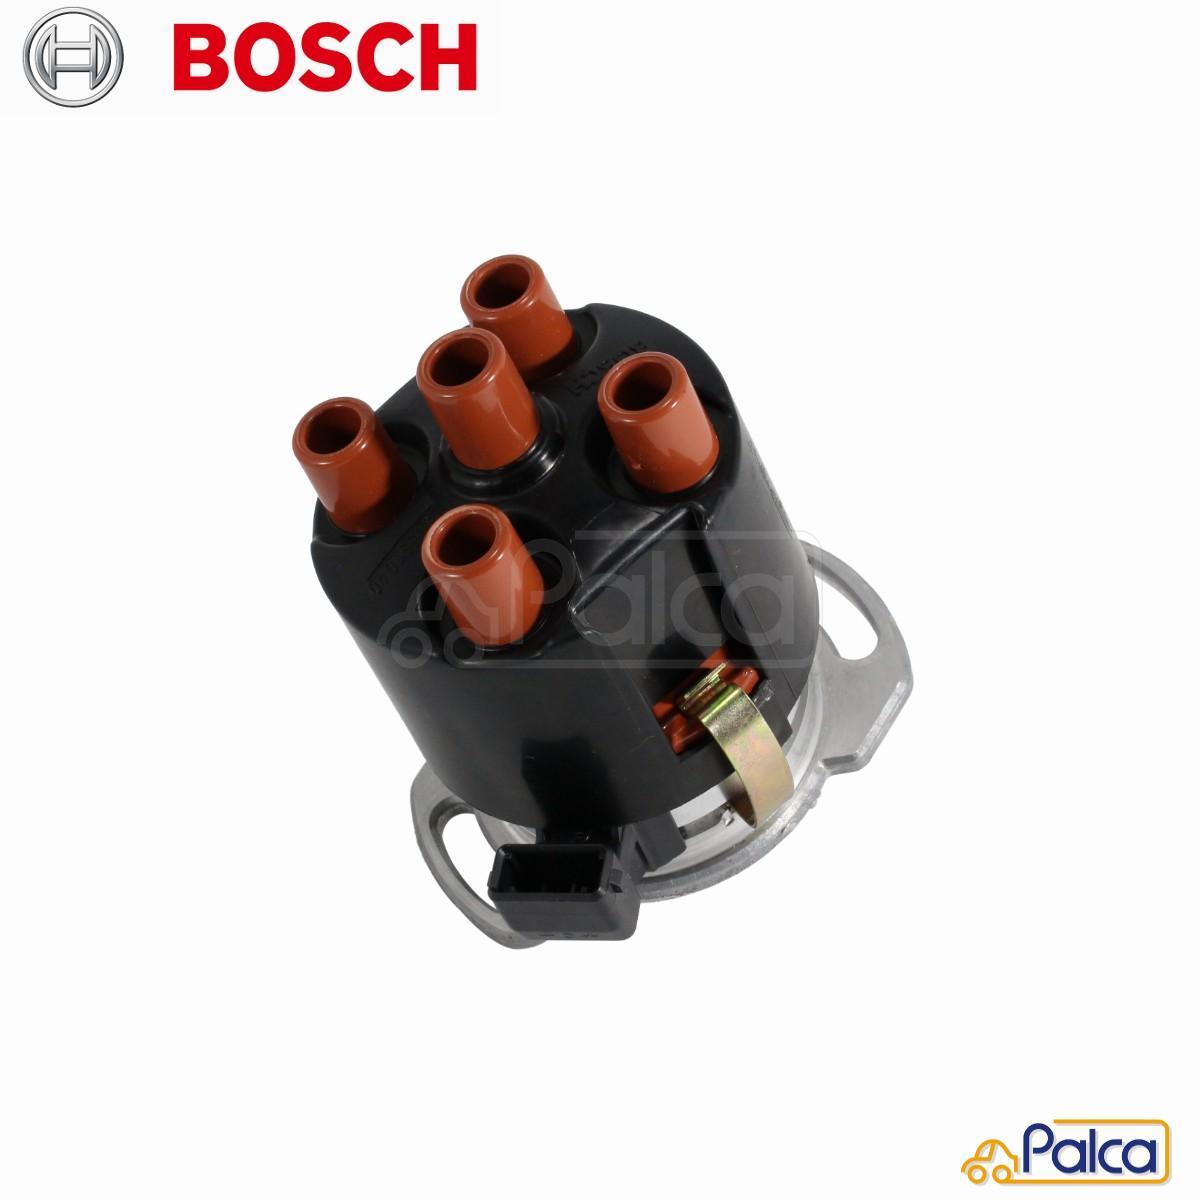 ☆ 送料無料 BOSCH 新作 ボッシュ あす楽 フォルクスワーゲン イグニッション ディストリビューター コラード 509A パサート シロッコ BOSCH製 ゴルフ2 19PL 319A 53PL 051905237